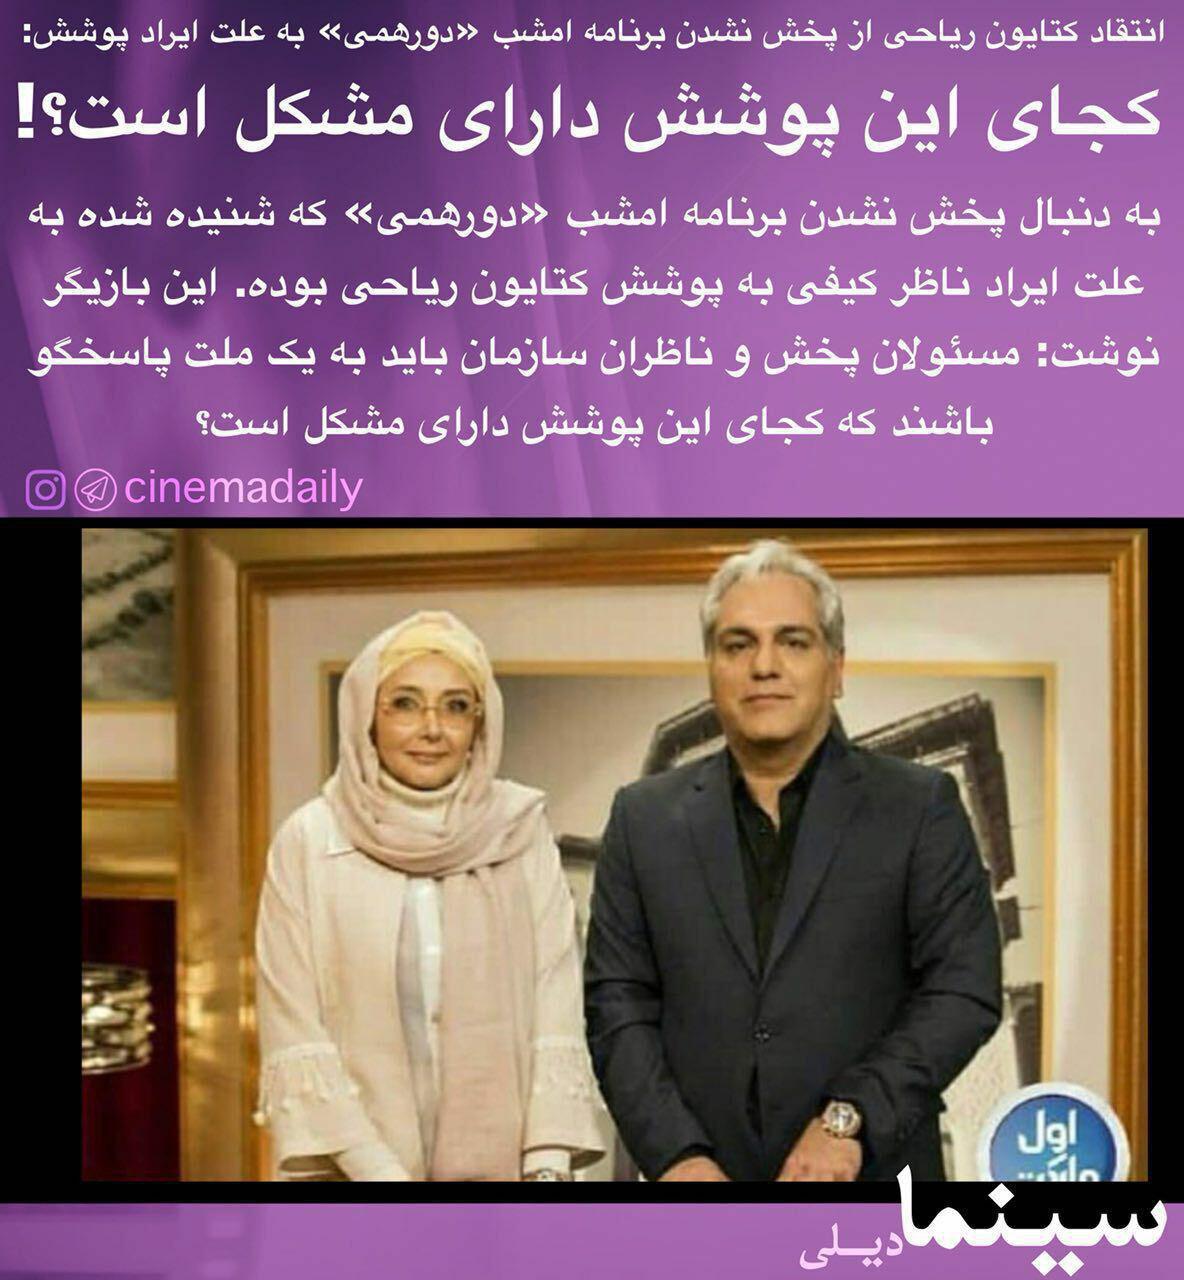 واکنش کتایون ریاحی به پخش نشدن ویژه برنامه روز زن «دورهمی» به علت ایراد به پوشش او